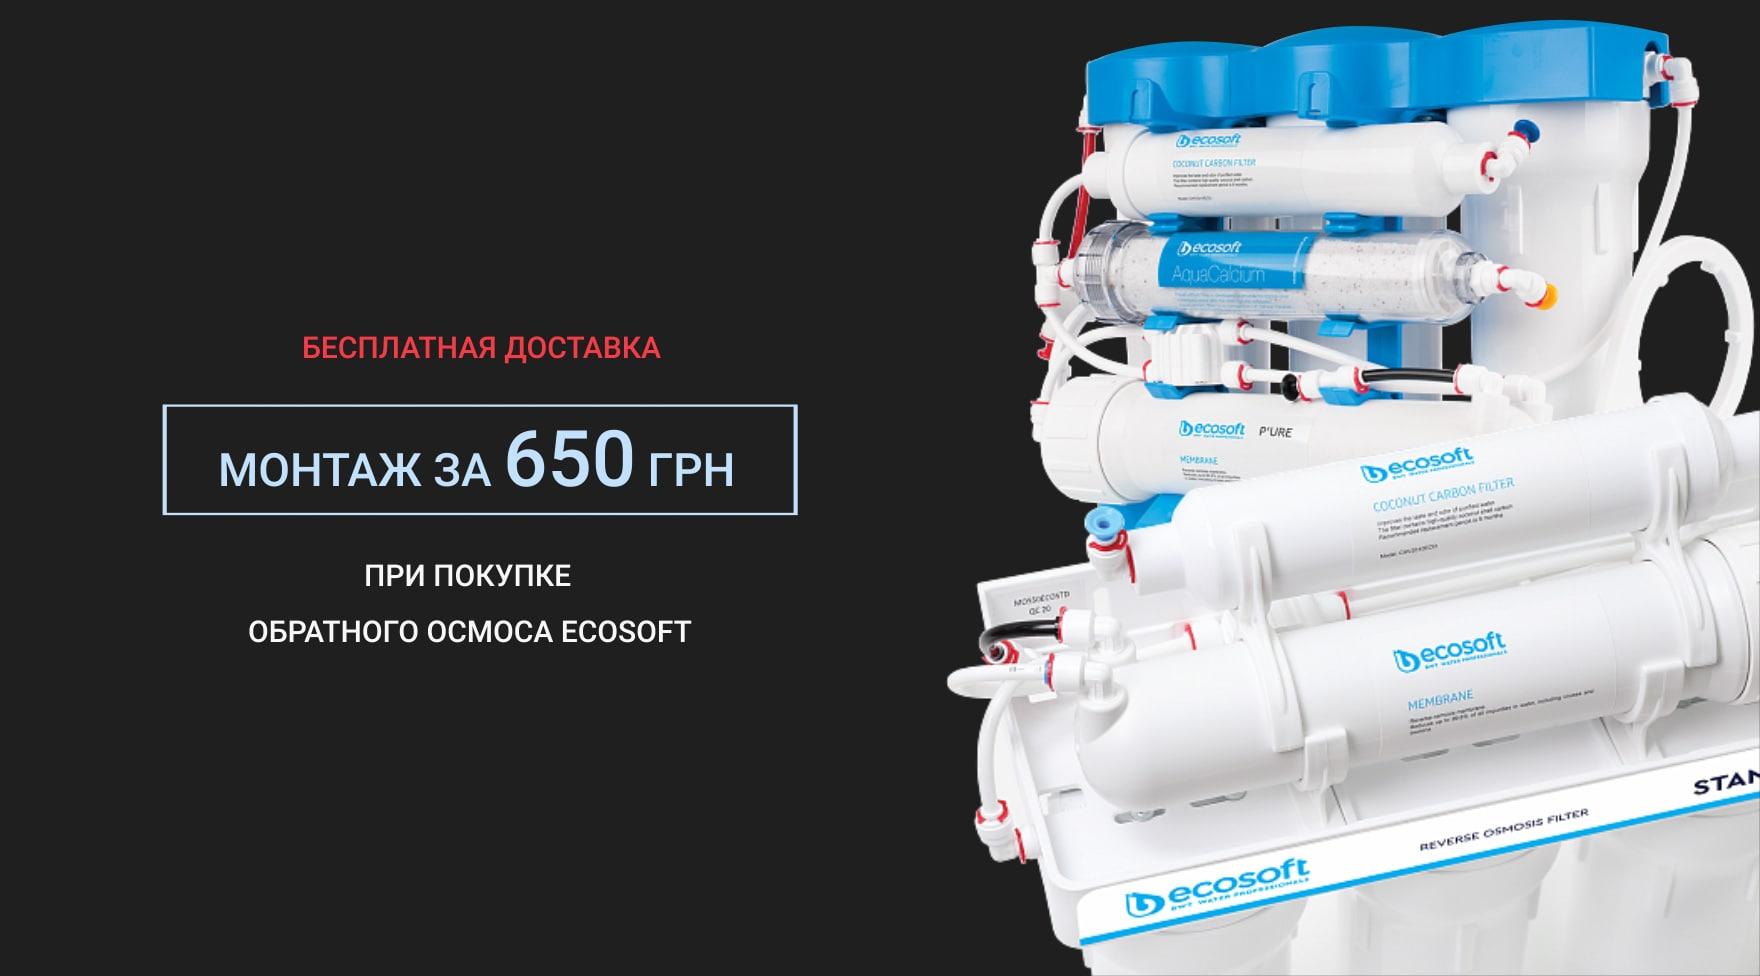 Бесплатная доставка + монтаж 650 грн + фильтры в подарок